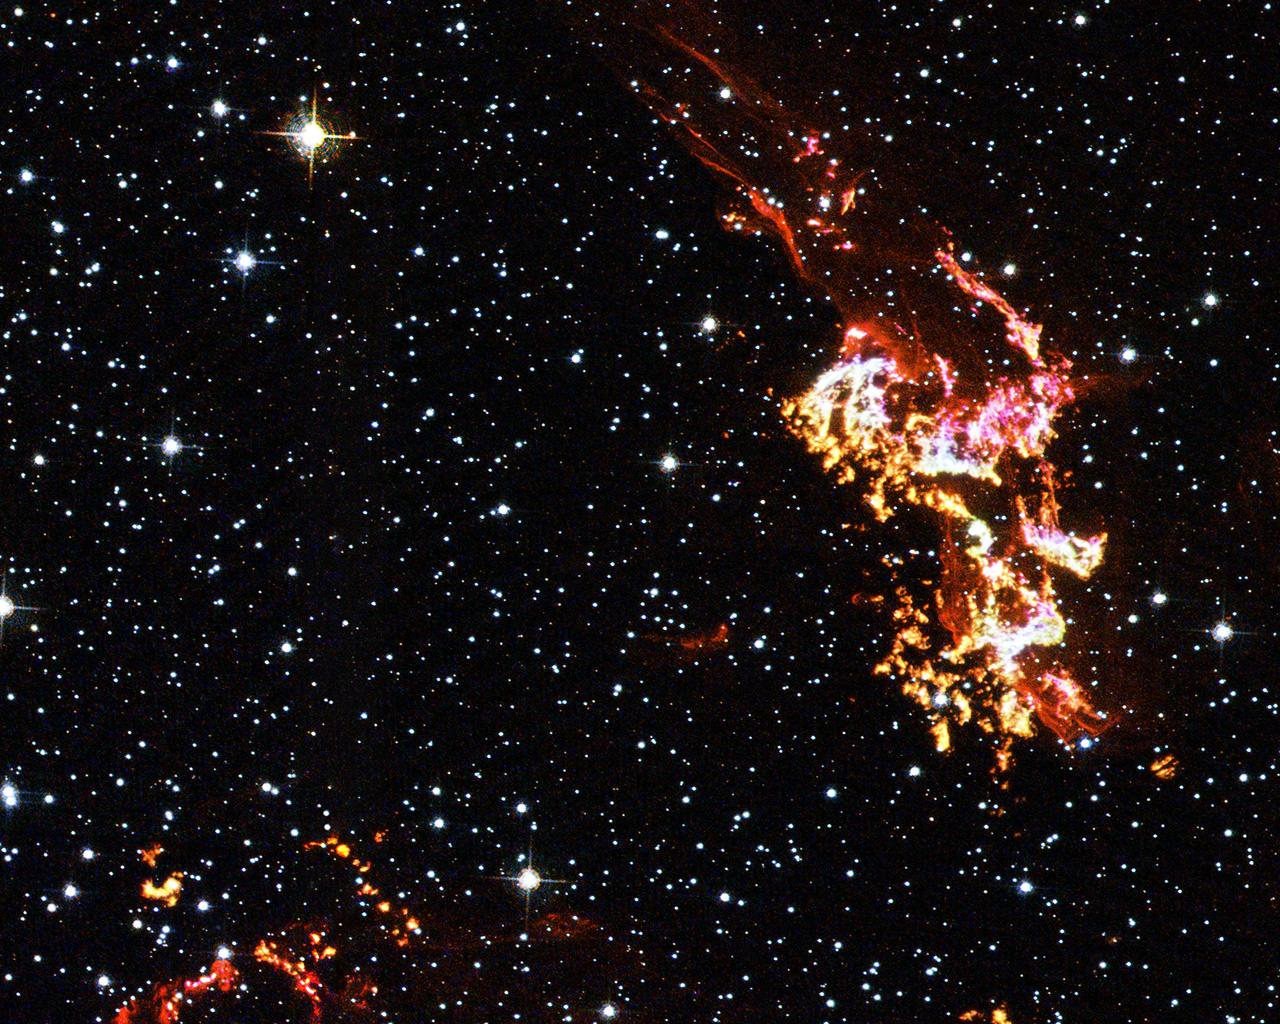 Supernova 2